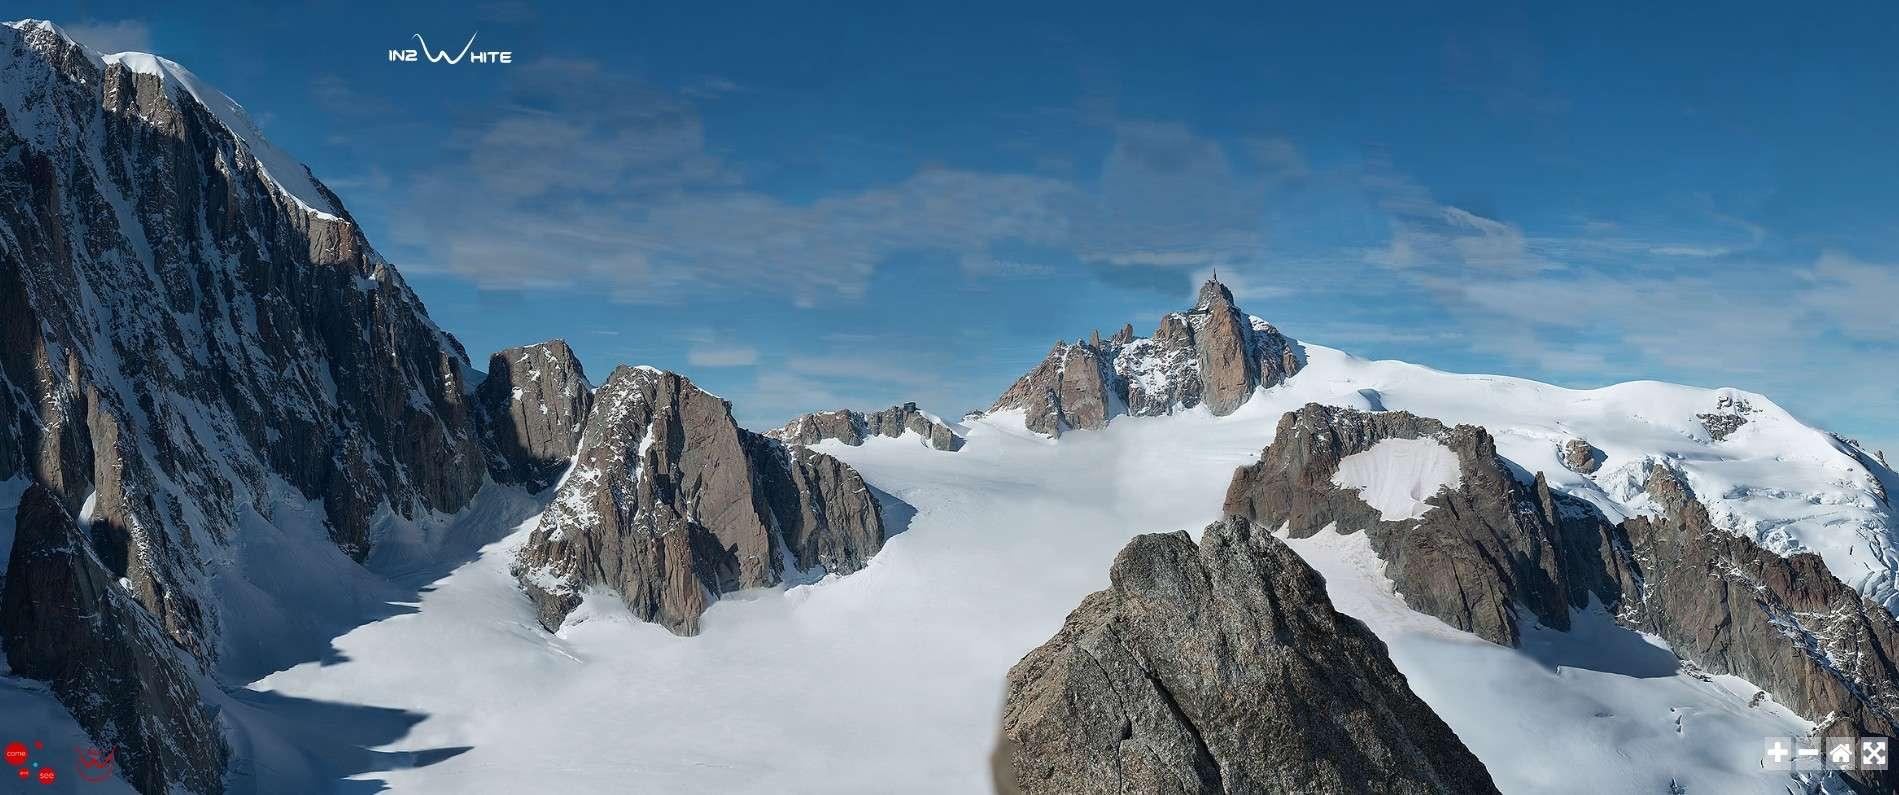 Gigapixels : le Massif du Mont Blanc en 70 000 photos Sans_282